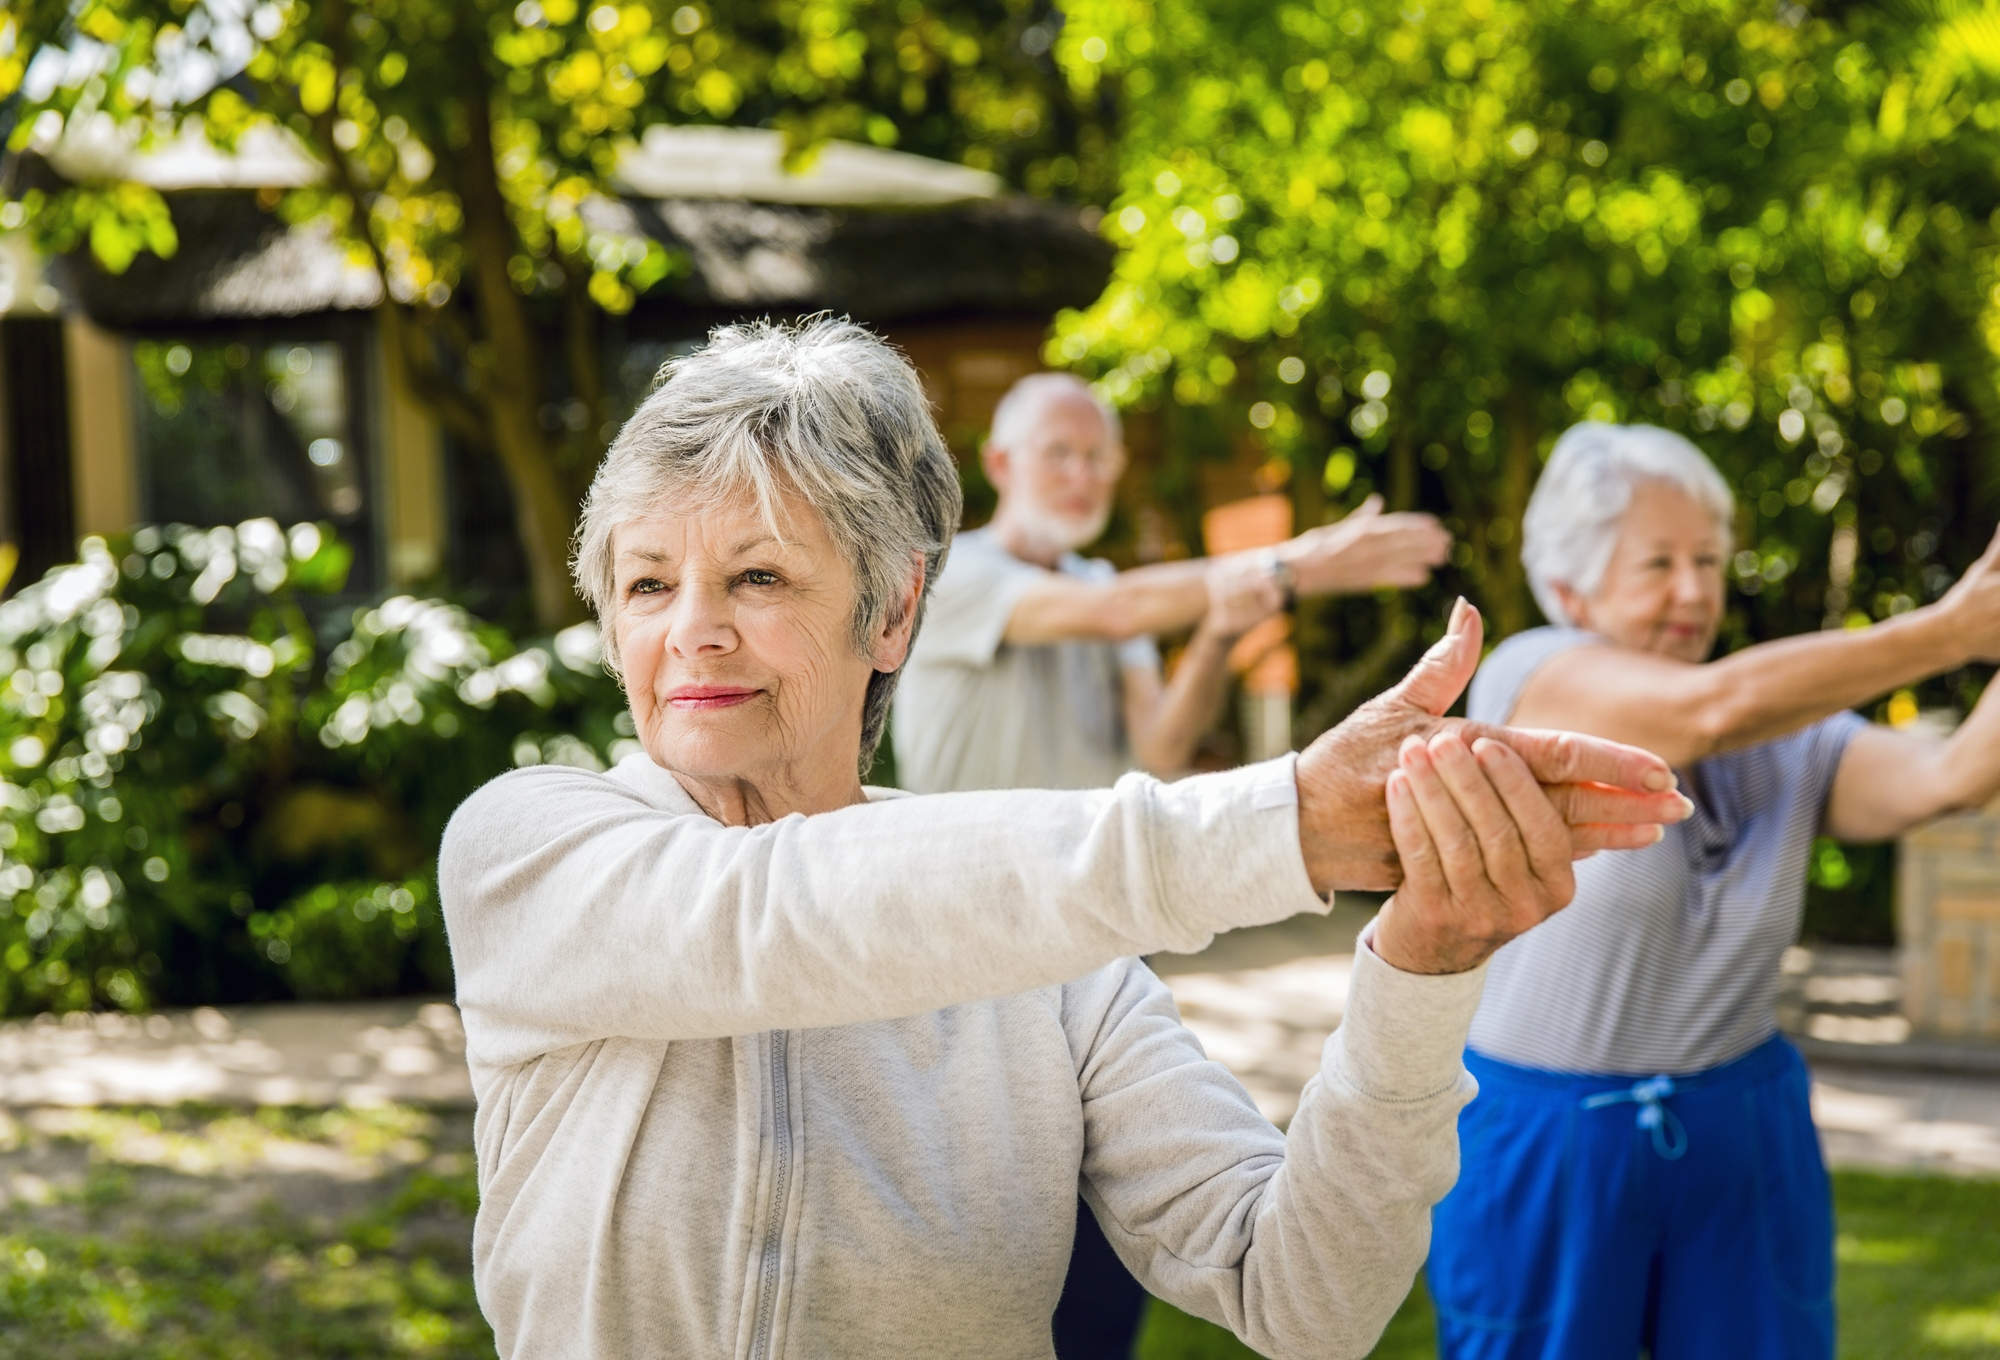 da5f9c1ed Velhice x sedentarismo  a importância da prática de atividade física por  idosos